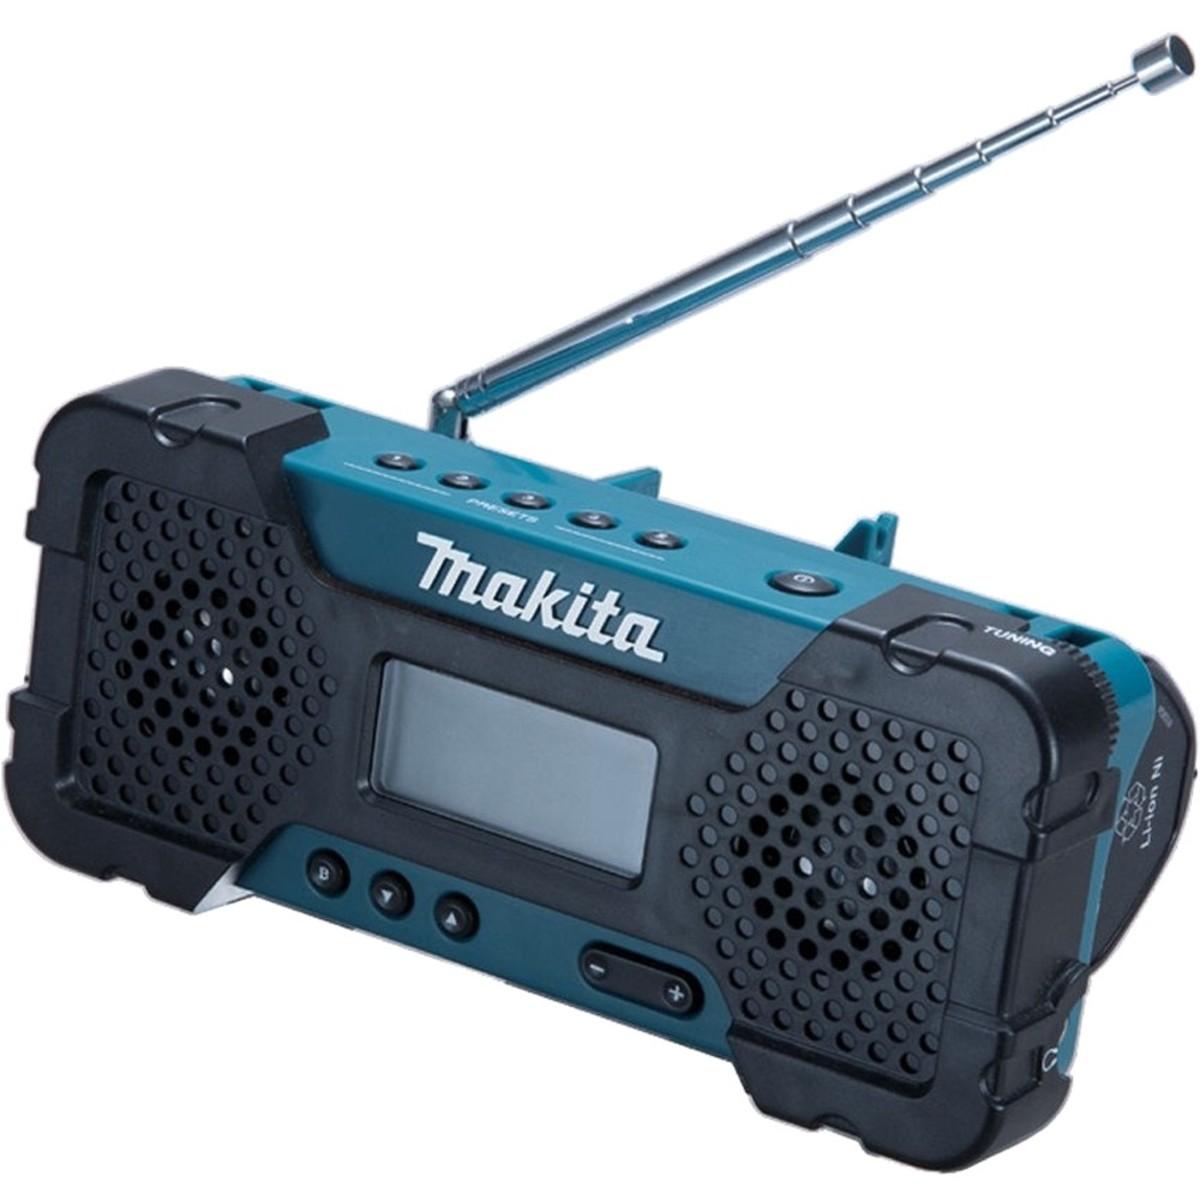 Аккумуляторный Радиоприемник Для Стройплощадки Makita Mr051